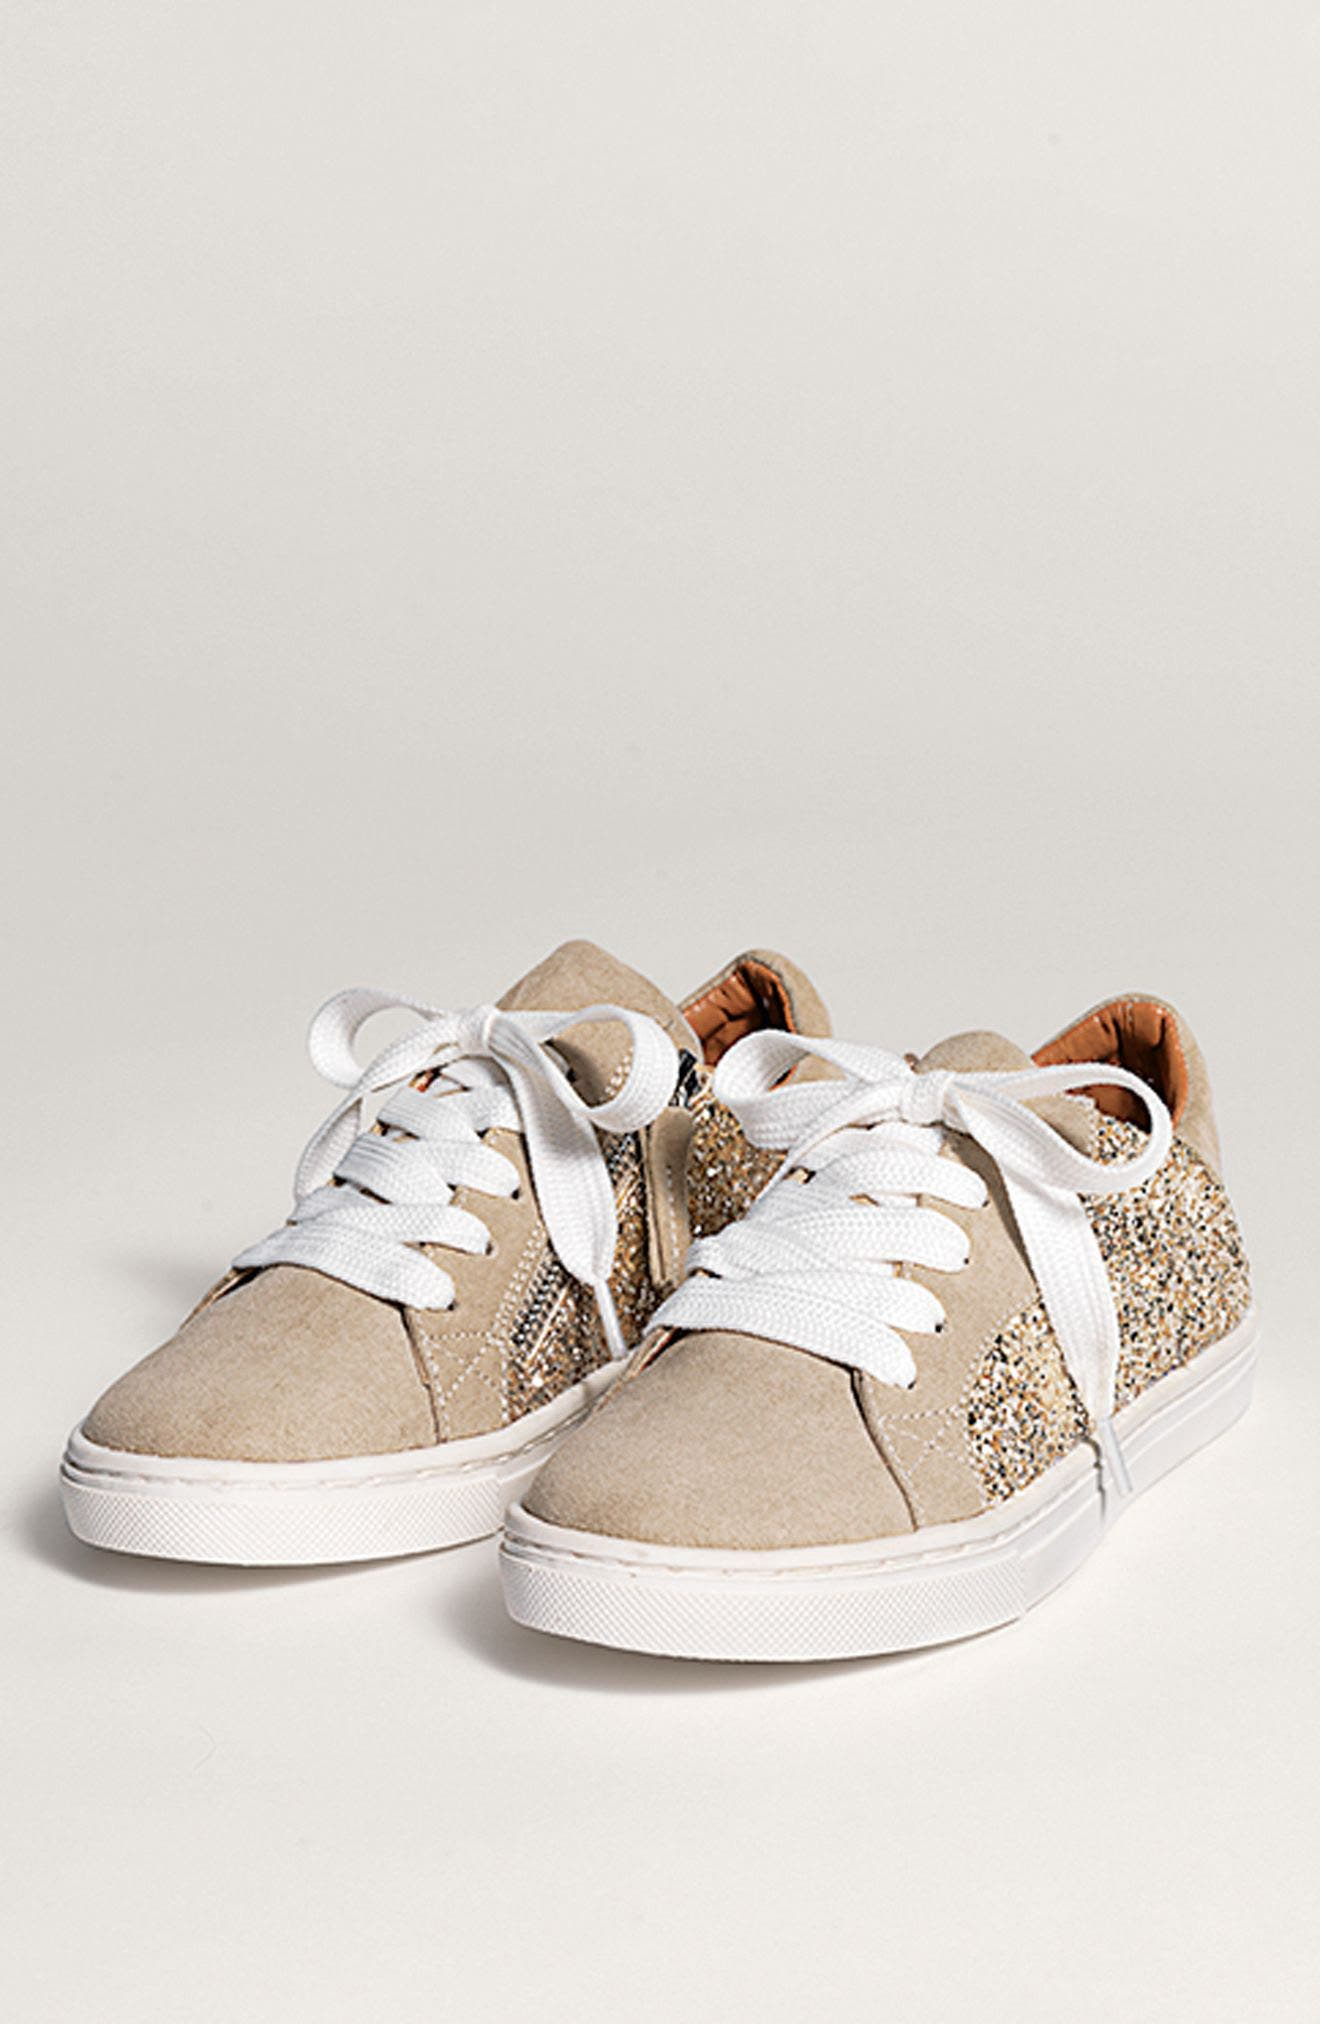 Zaida Low Top Sneaker,                             Alternate thumbnail 7, color,